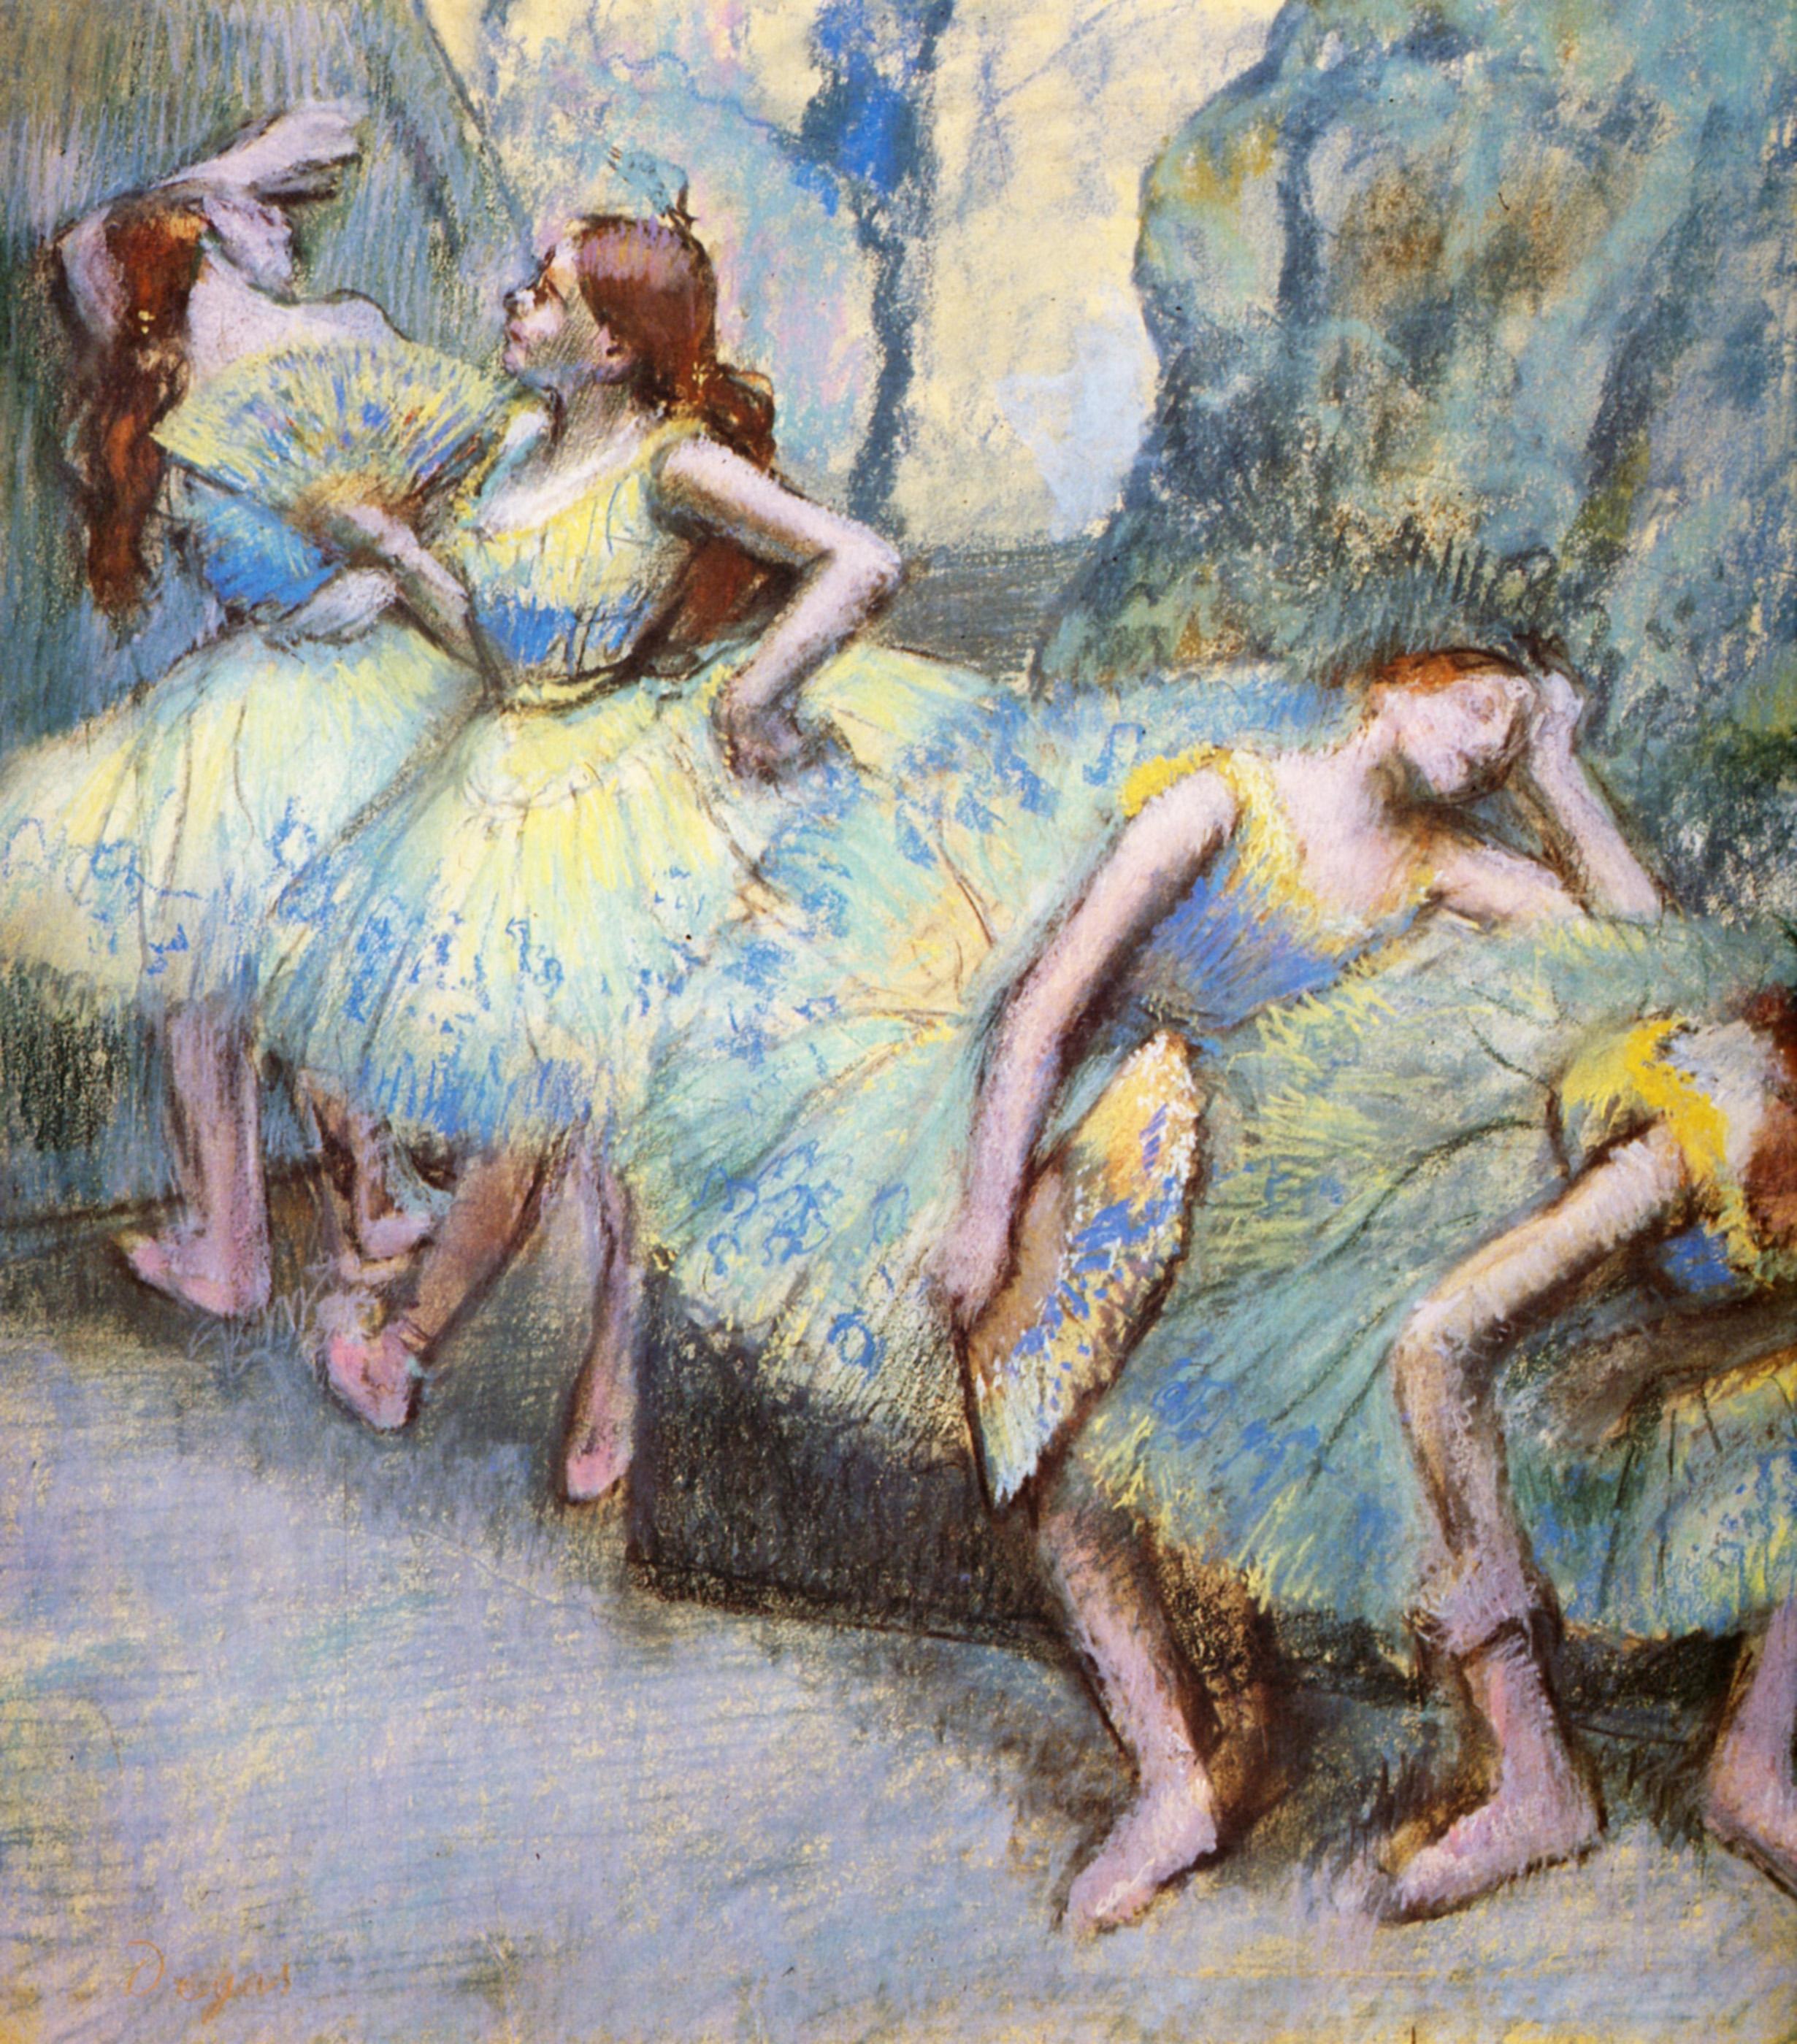 Ballet Dancers in the Wings, 1900 - Edgar Degas - WikiArt.org